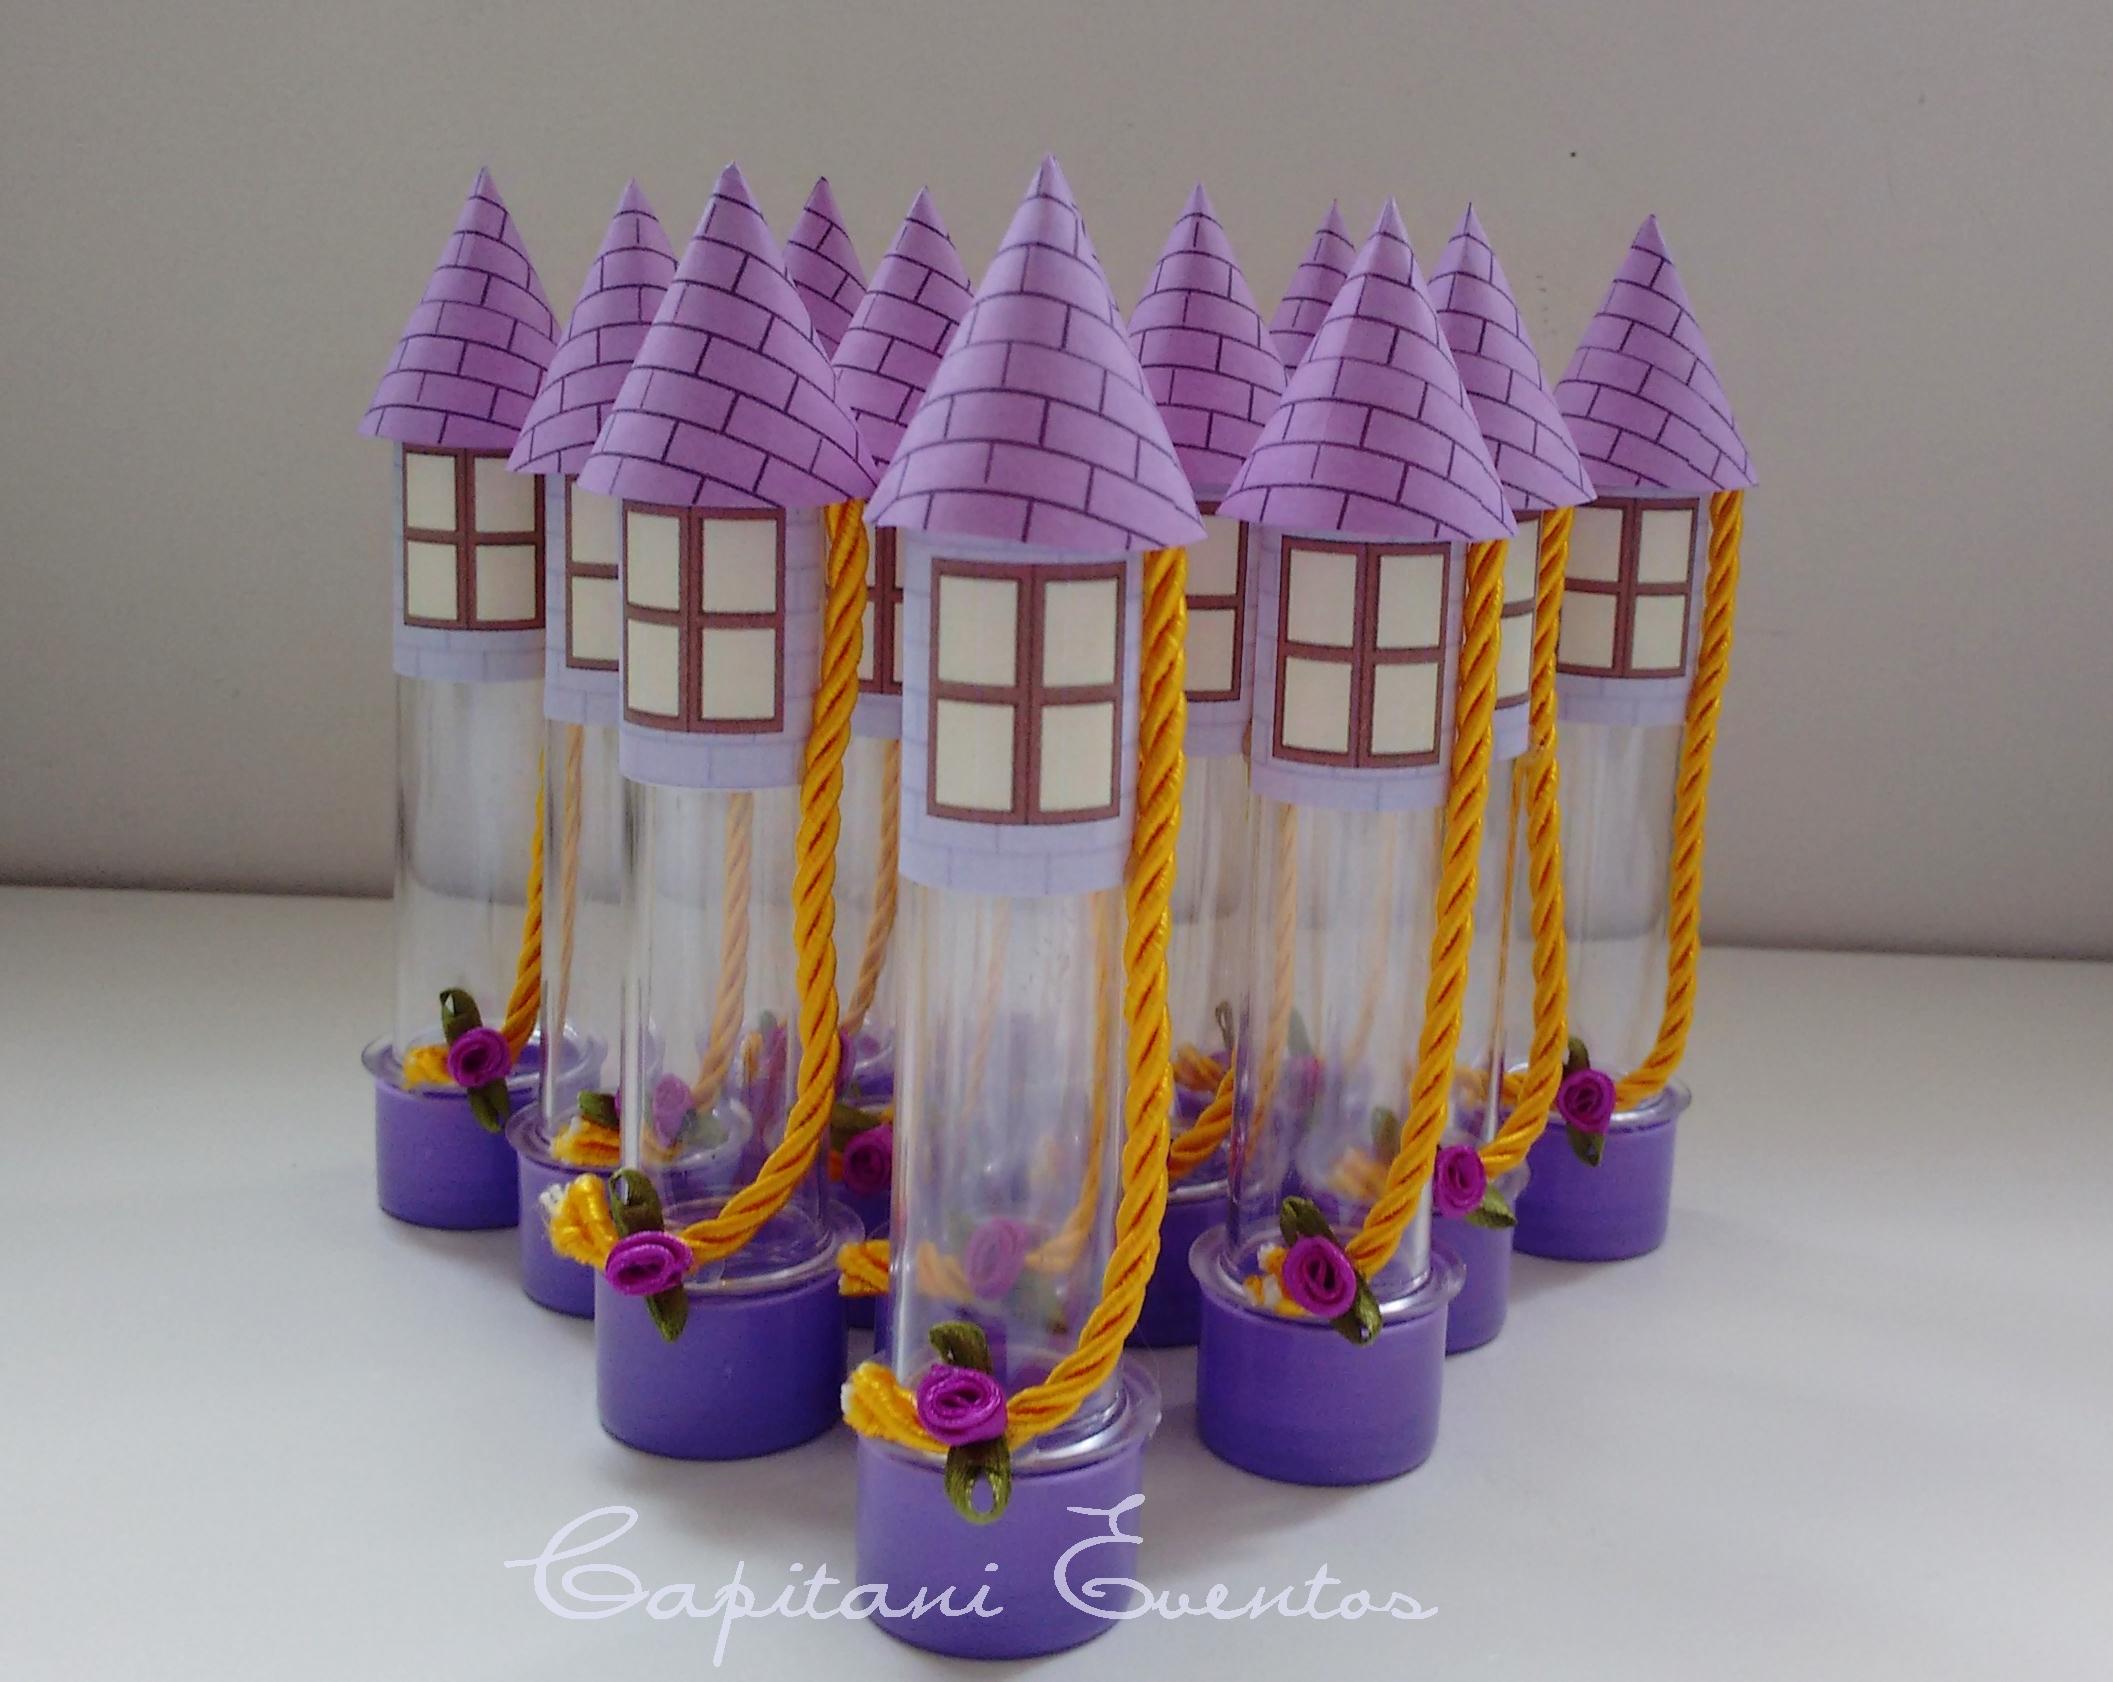 Matrimonio Tema Rapunzel : Tubete torre rapunzel enrolados capitani eventos elo